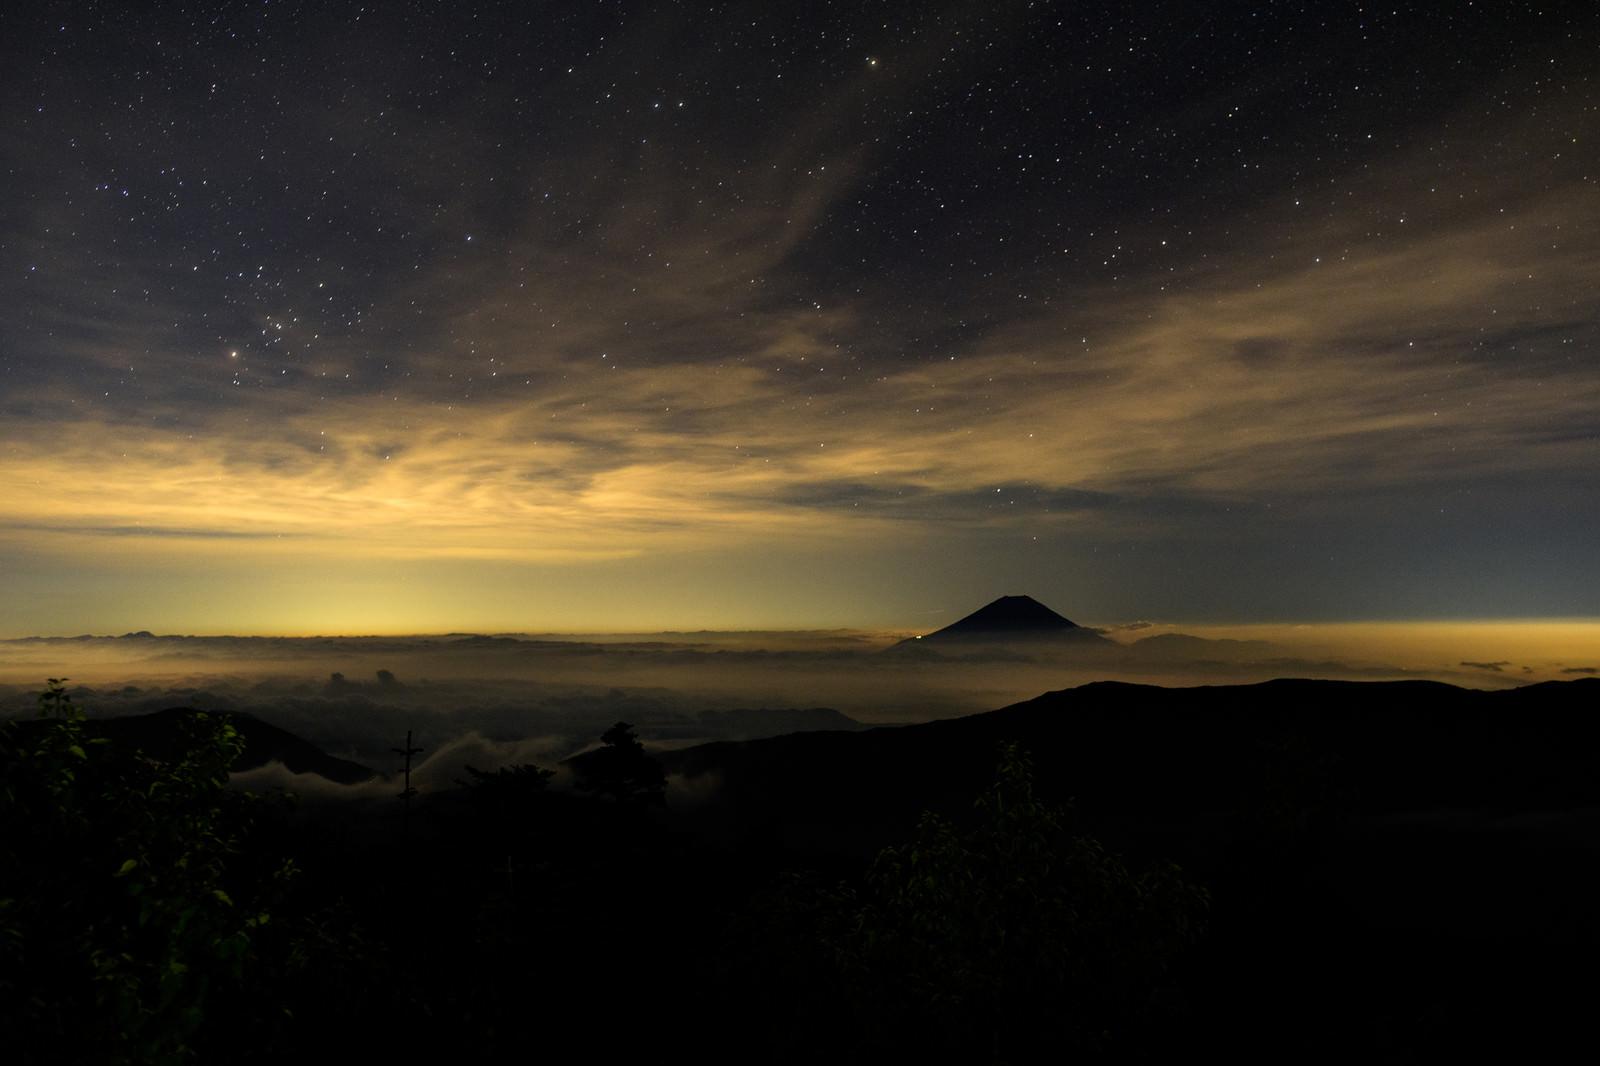 「千枚小屋から見る星空と雲に浮かぶ富士山」の写真